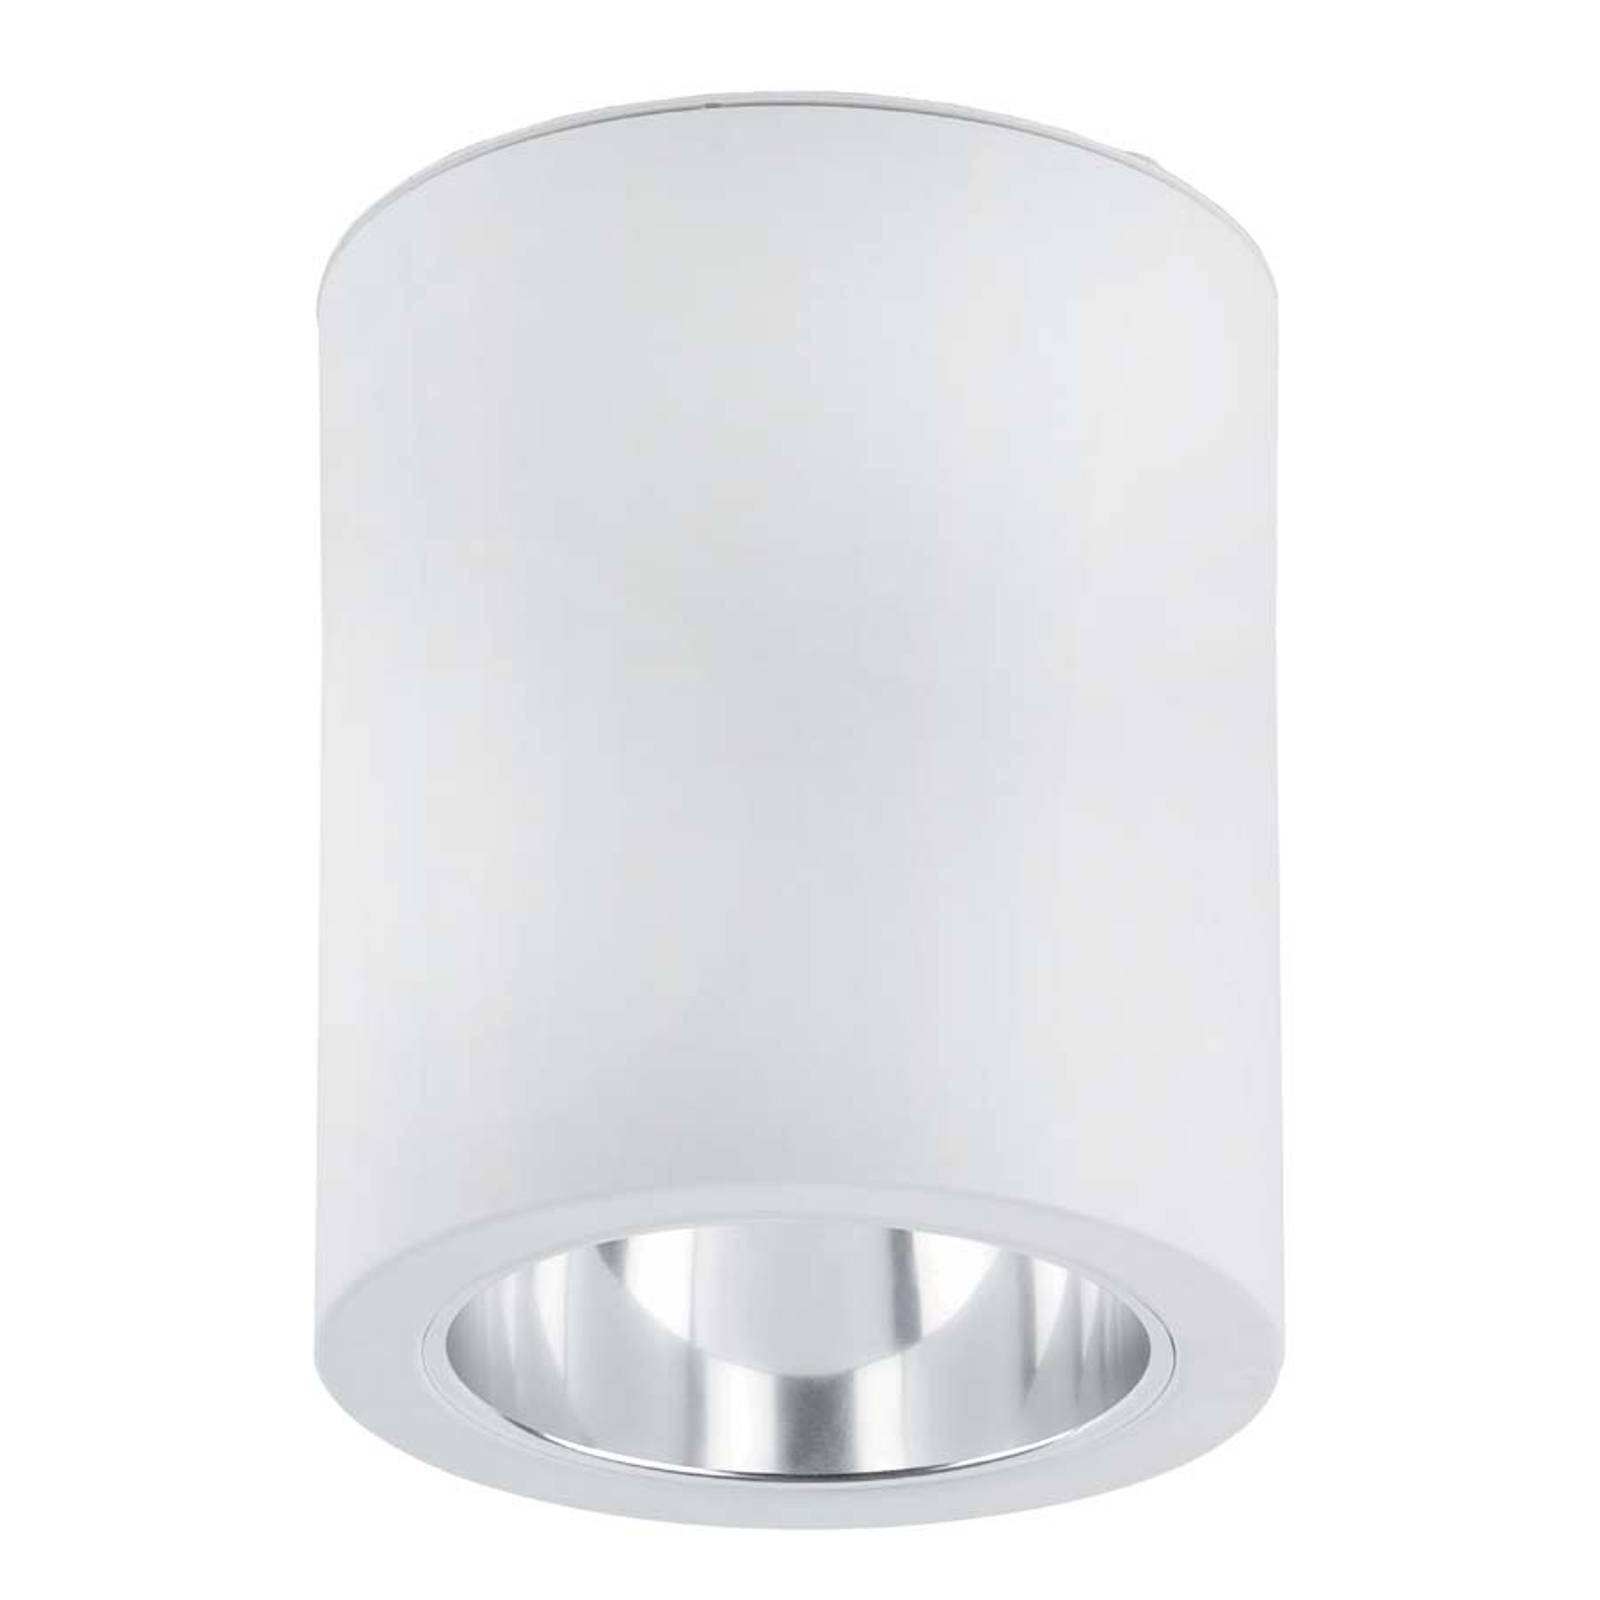 Estetyczna lampa sufitowa Pote-1 z aluminium biała